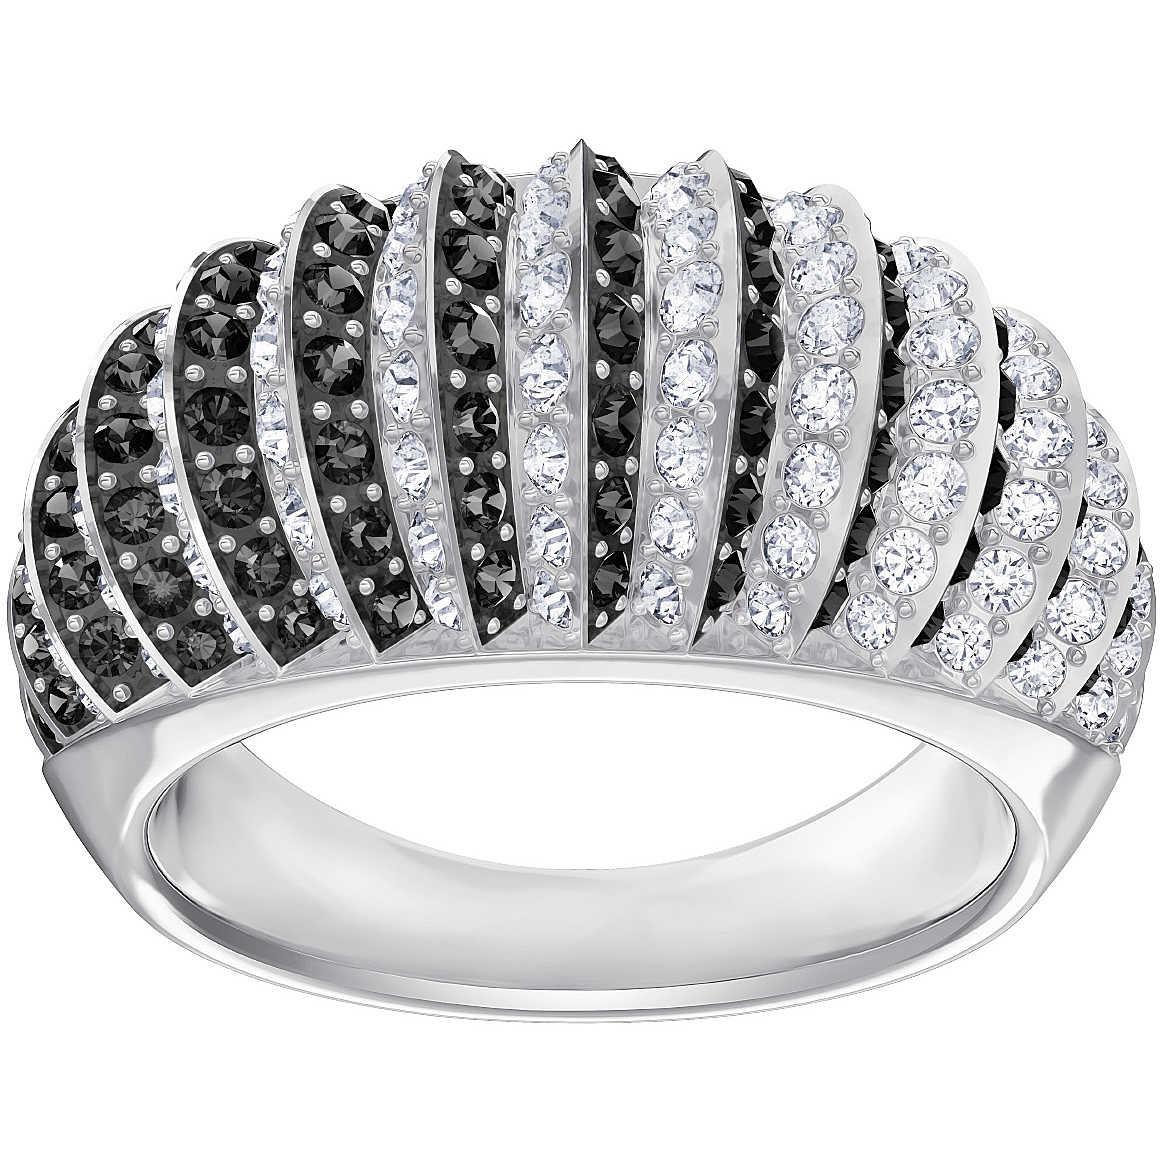 bague femme bijoux Swarovski Luxury Domed 5412058 bagues Swarovski 816680d76fb2